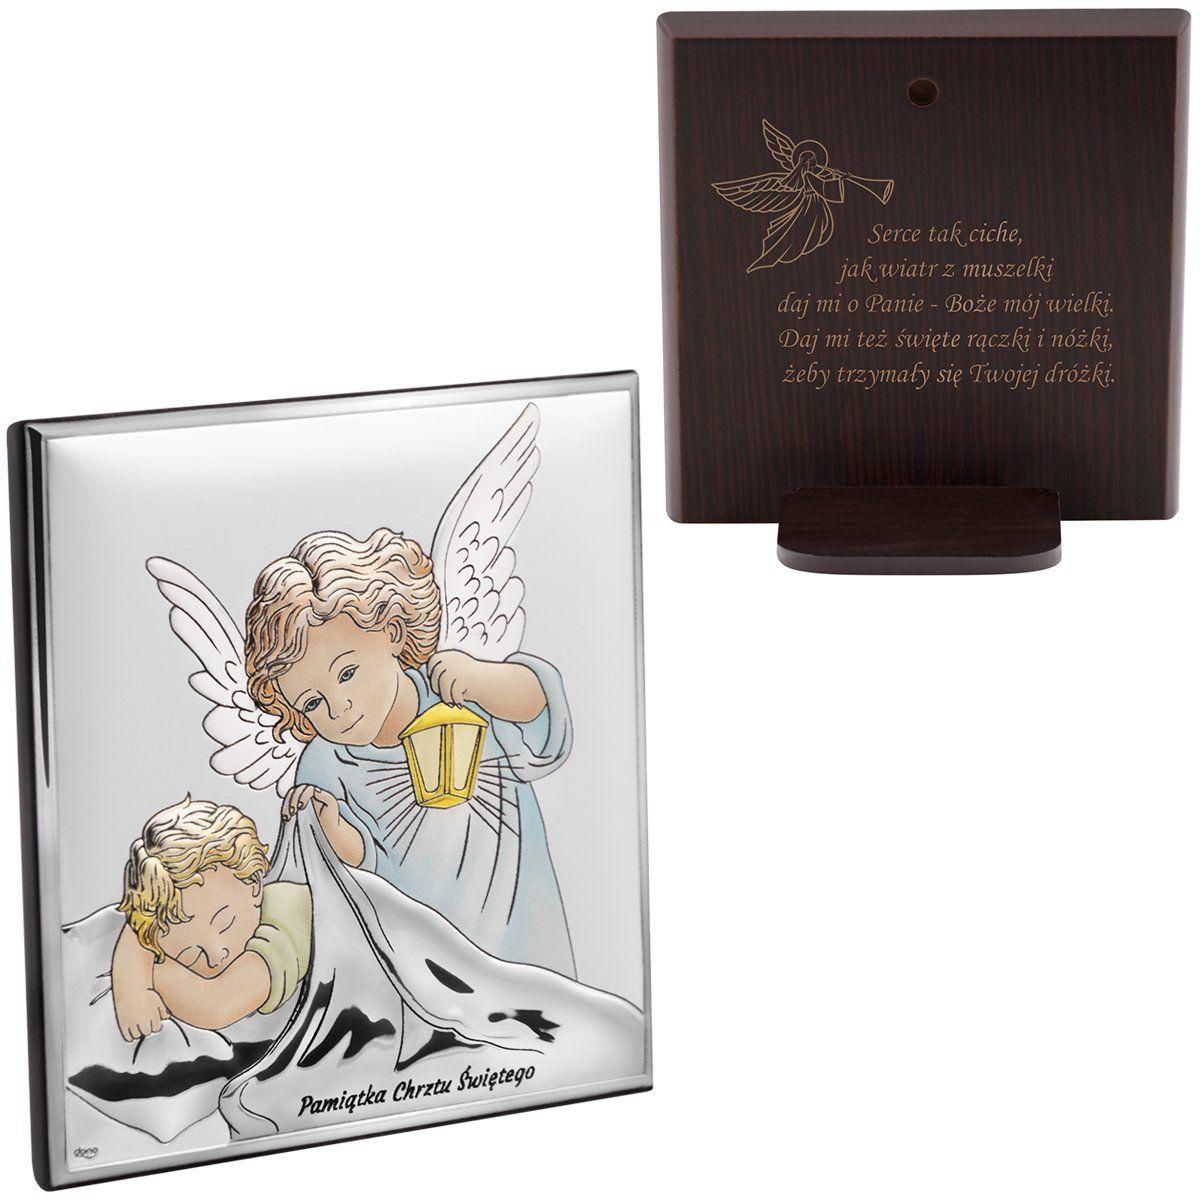 Srebrny obrazek z Aniołem Stróżem kolorowy Pamiątka Chrztu Św. z Grawerem